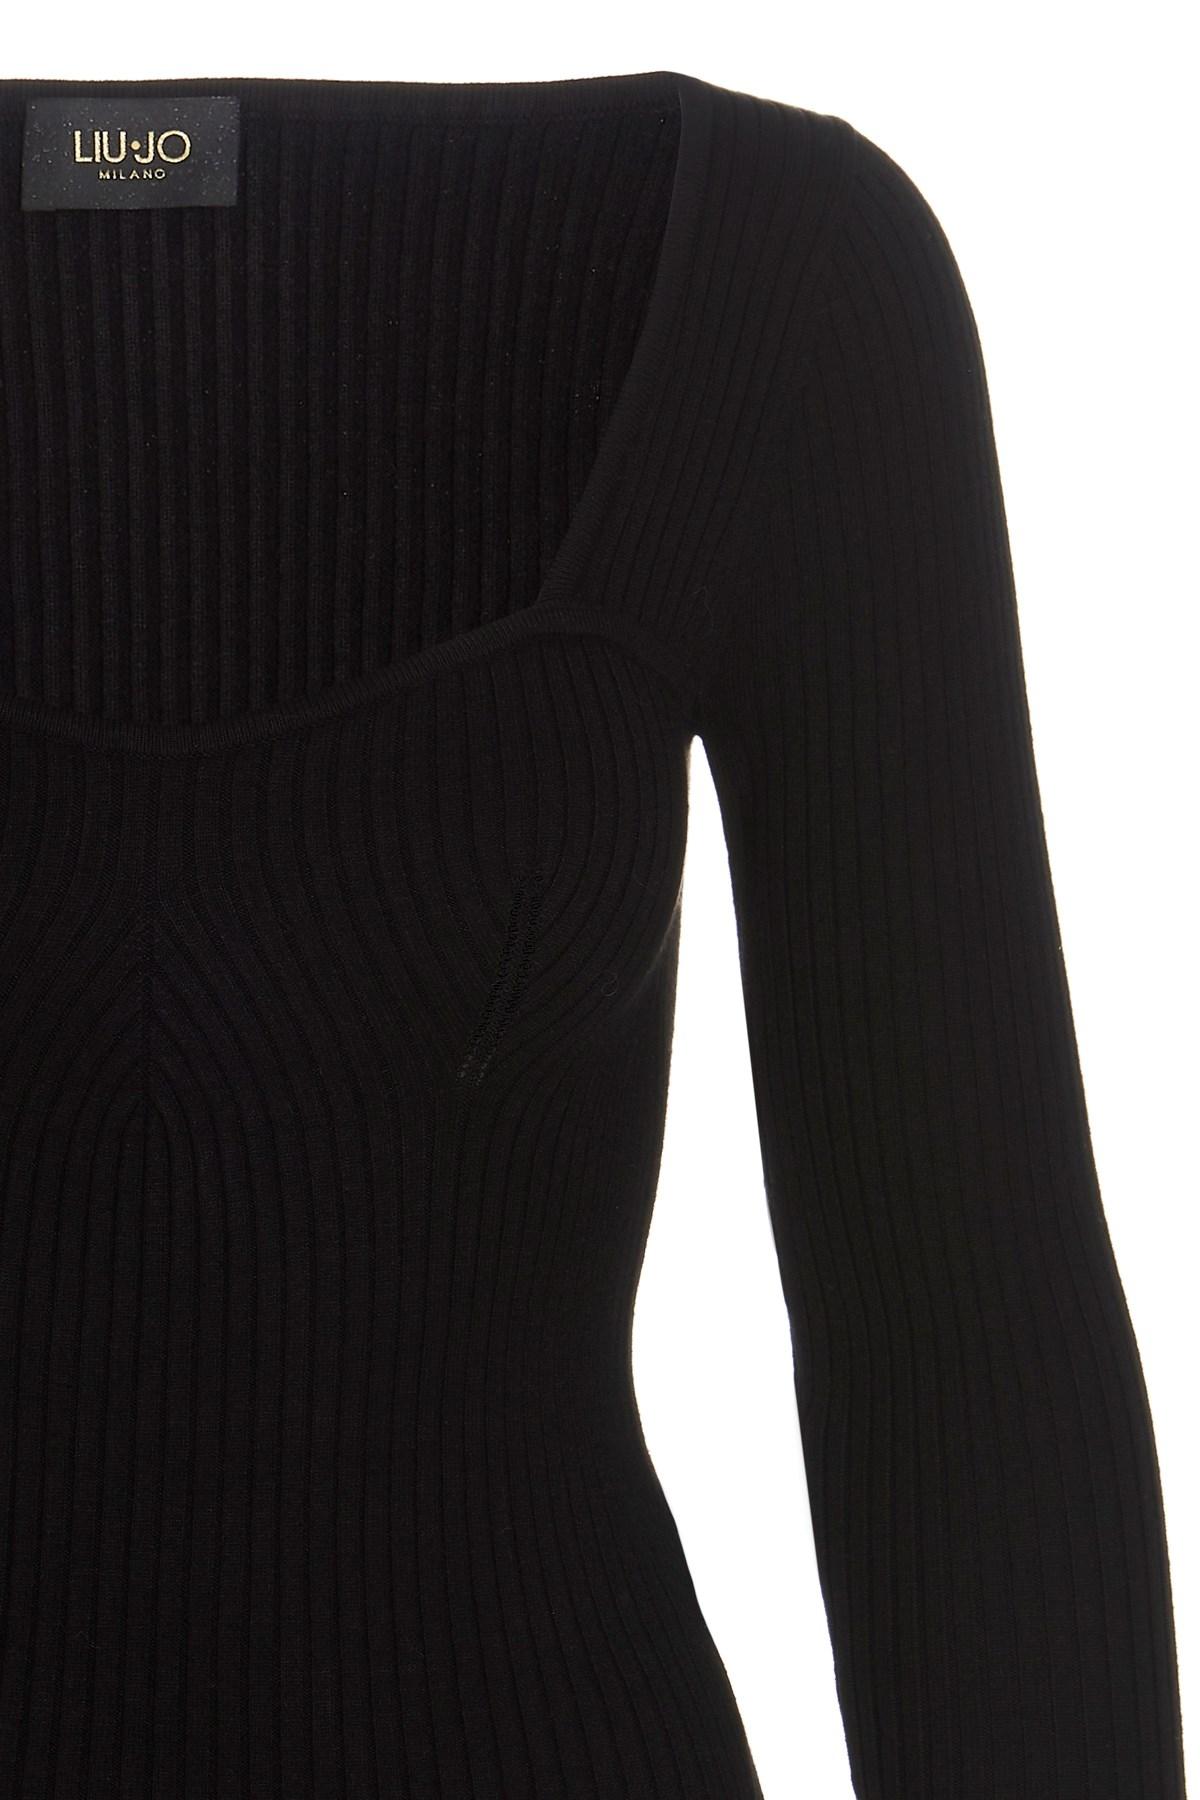 Maglia donna nera a maniche lunghe Liu Jo | CF1288MA99E22222